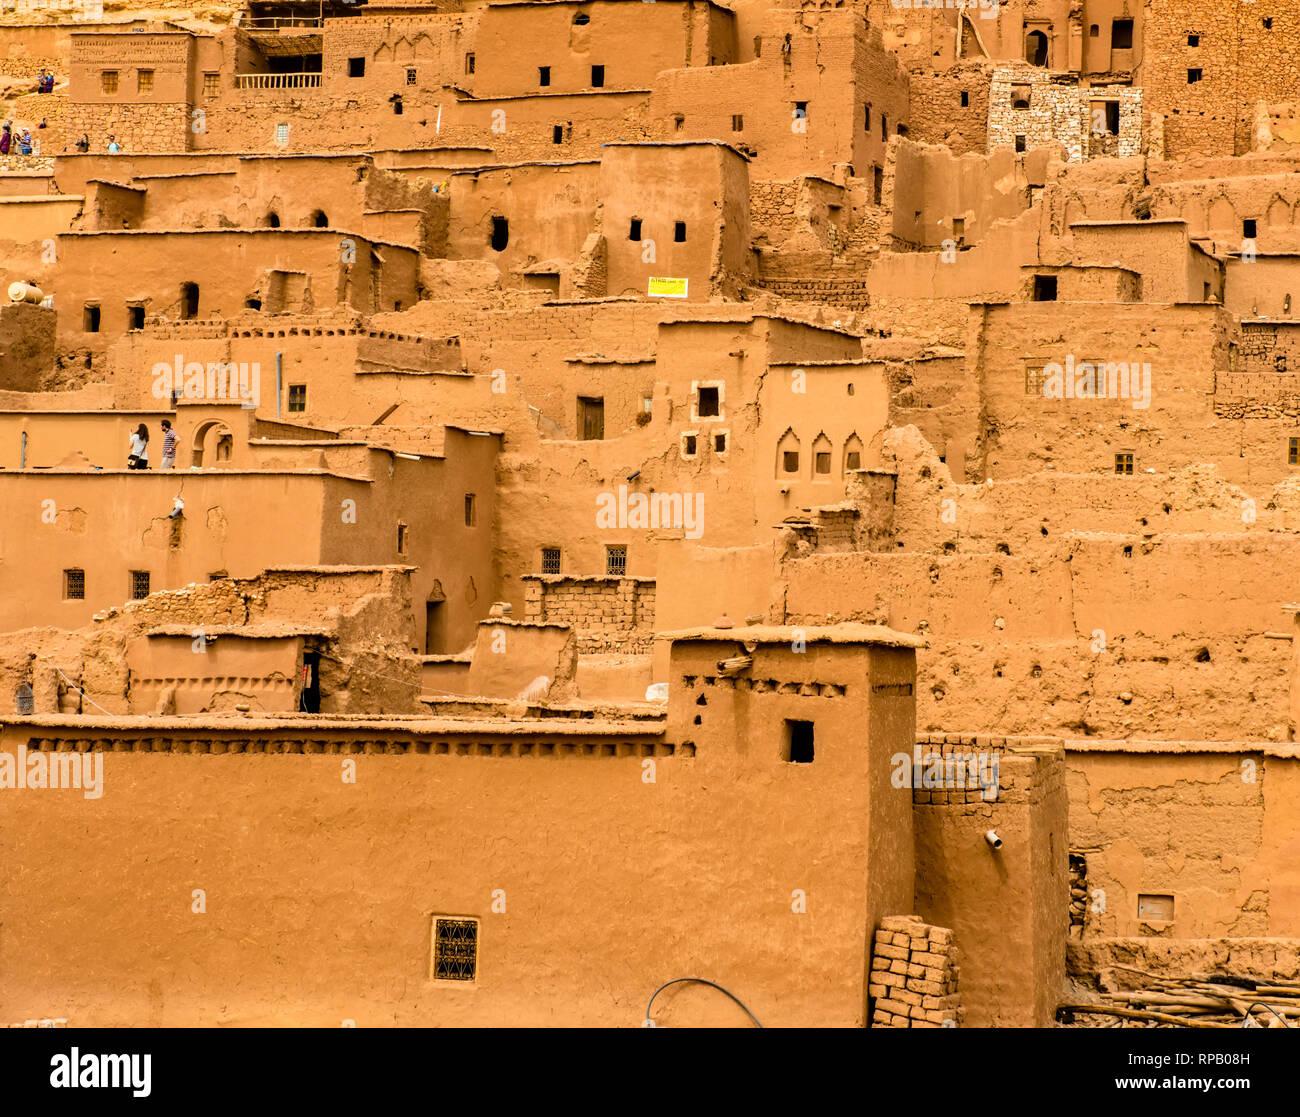 Vista incredibile della Kasbah Ait Ben Haddou vicino a Ouarzazate in Atlante del Marocco. Patrimonio mondiale dell UNESCO Foto Stock